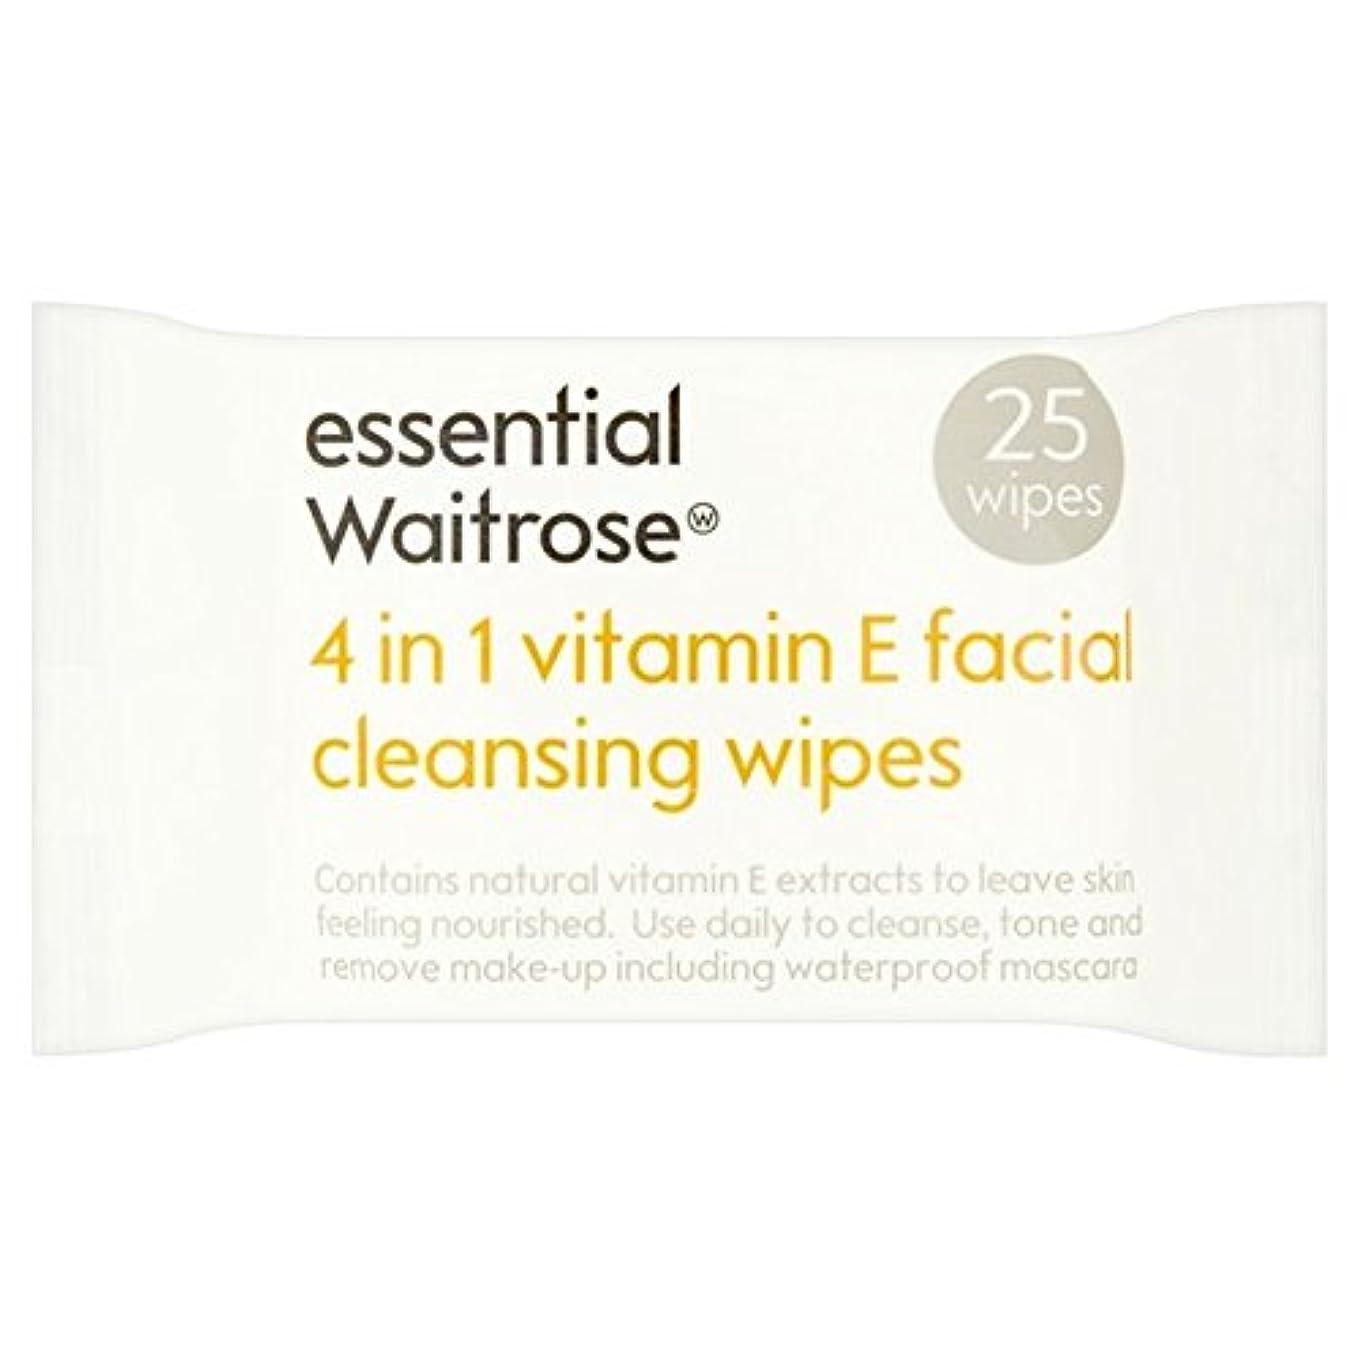 マウスピース俳優ナラーバーEssential 4 in 1 Cleansing Wipes Vitamin E Waitrose 25 per pack - 1つのクレンジングで4不可欠パックあたりのビタミンウェイトローズ25ワイプ [並行輸入品]